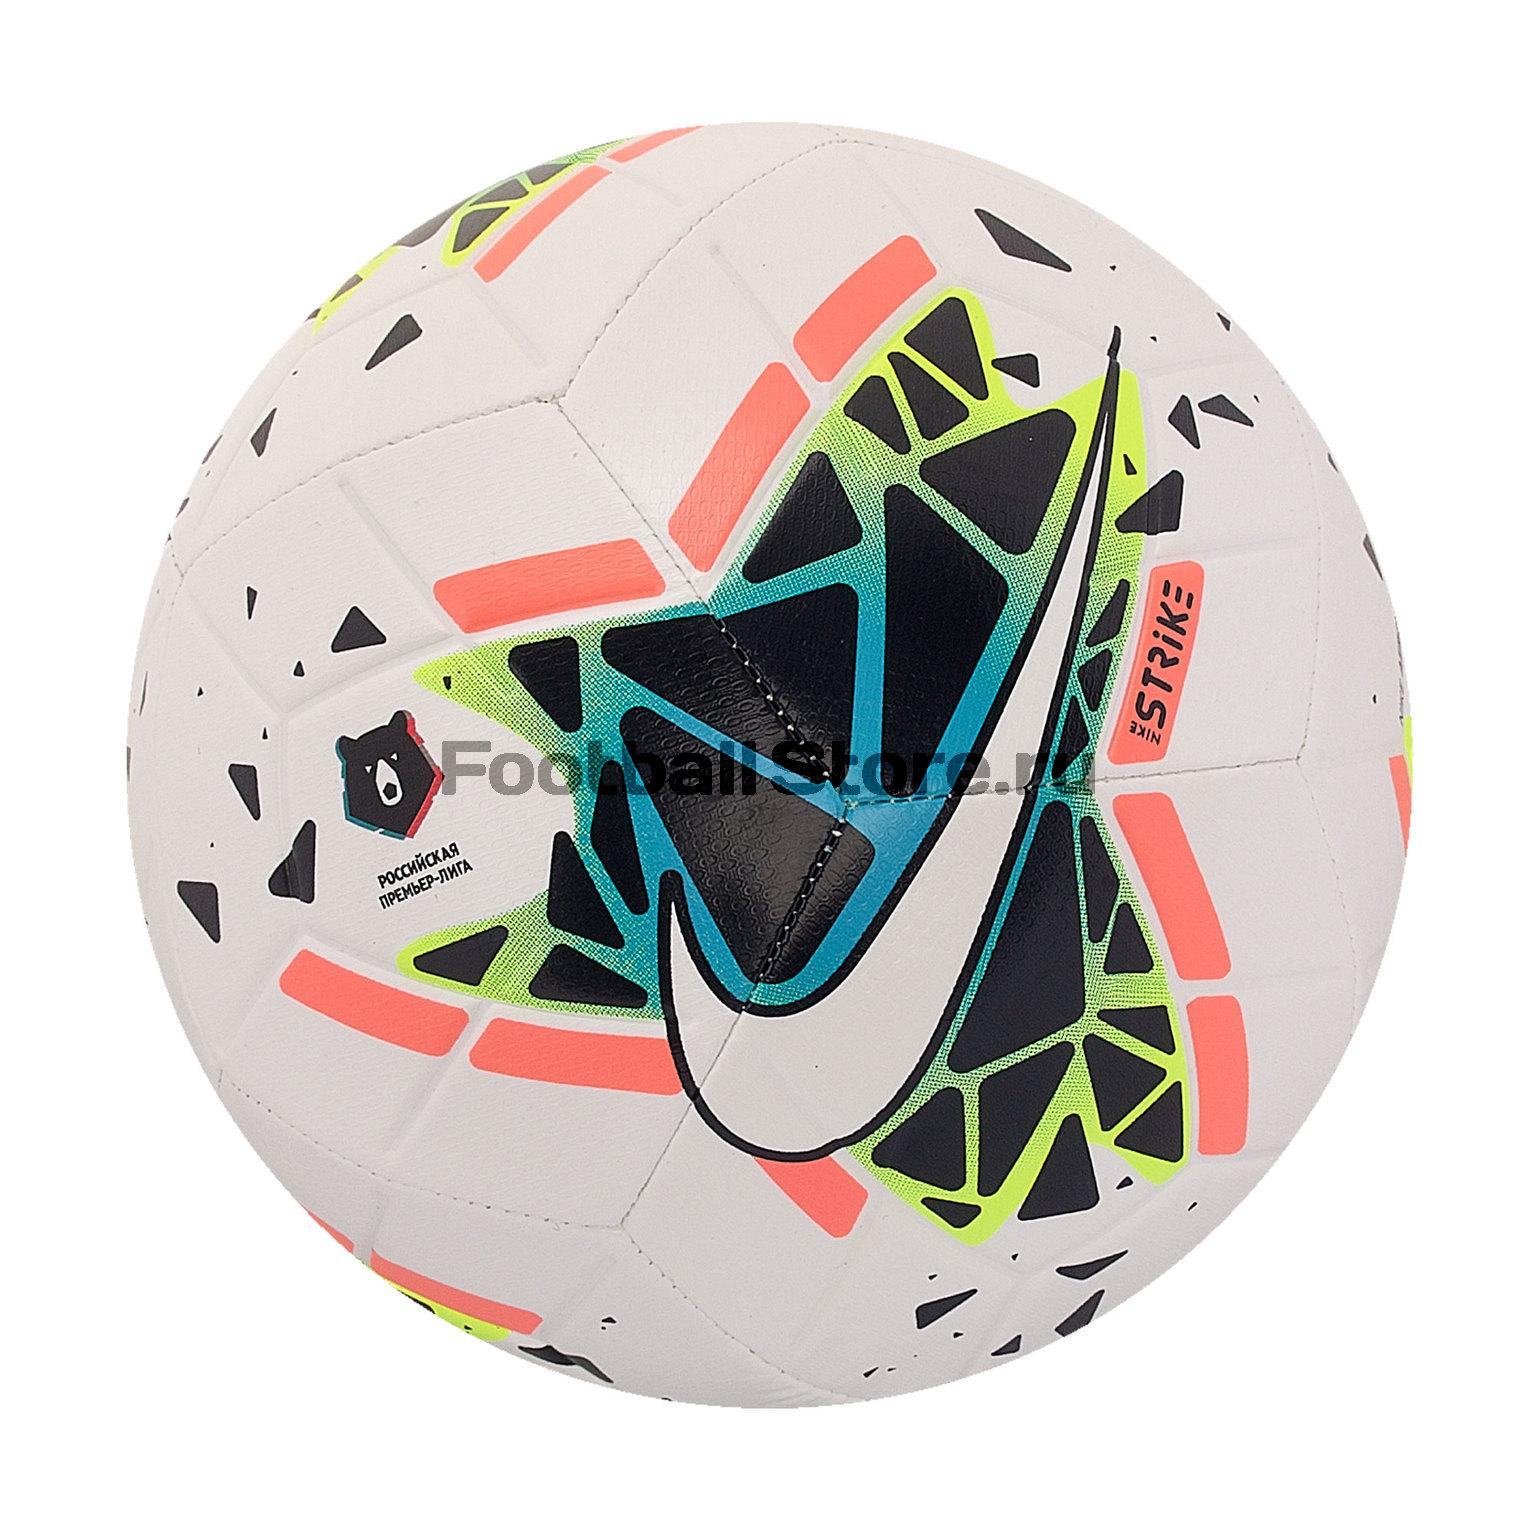 Футбольный мяч Nike RPL Strike SC3645-100 цена 2017